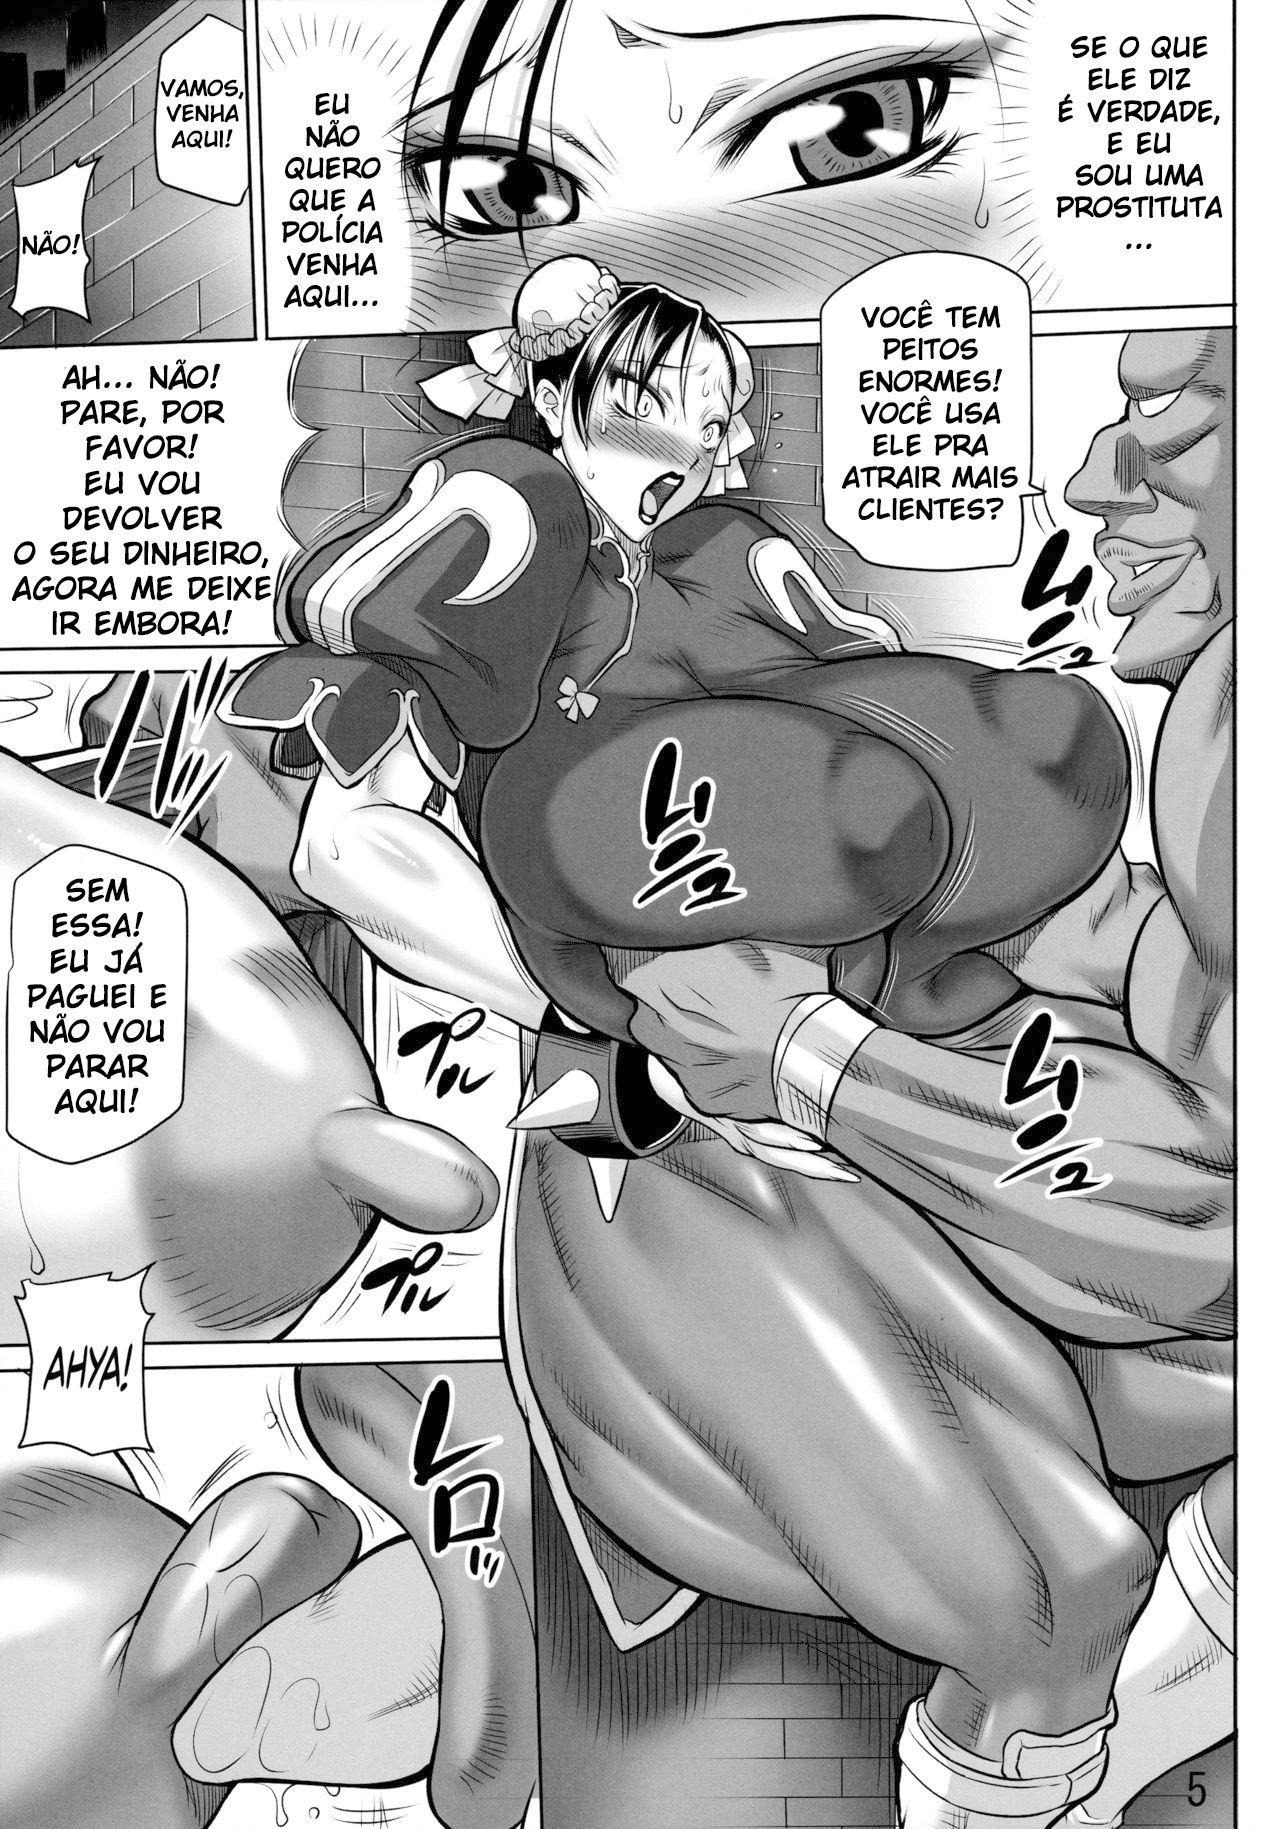 Chun-li à prostituta!